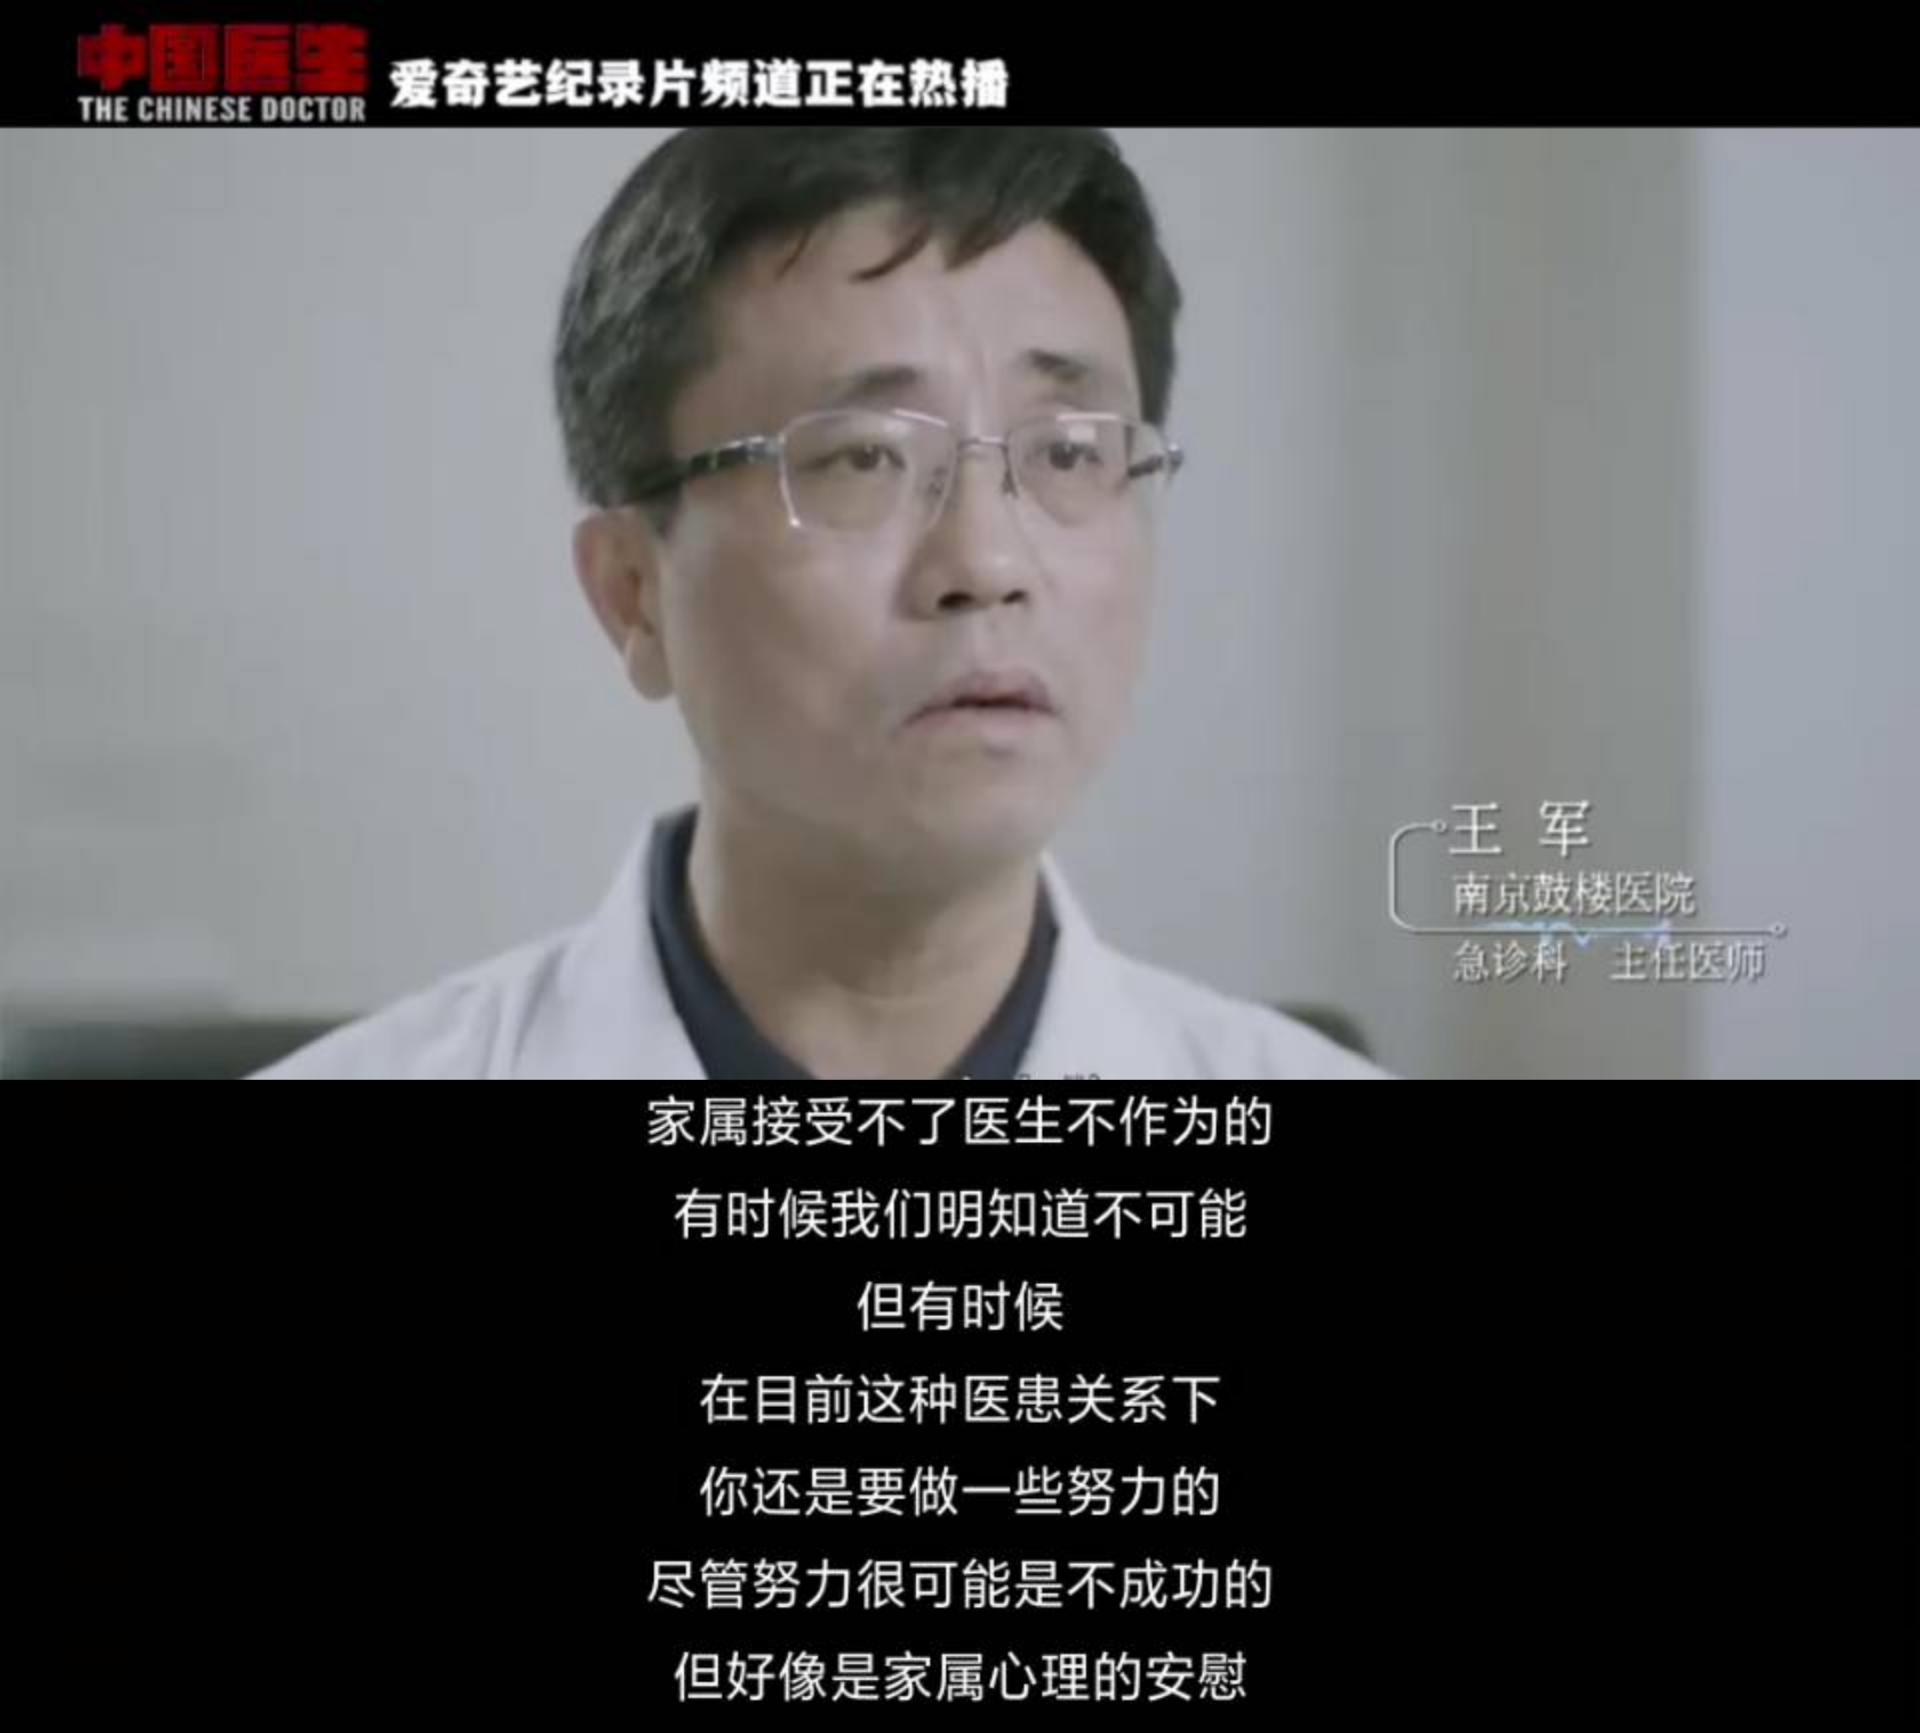 幸运飞艇开奖微信群:上海垃圾分类知识:高校免费派发蛋糕详细经过 高校免费派发蛋糕